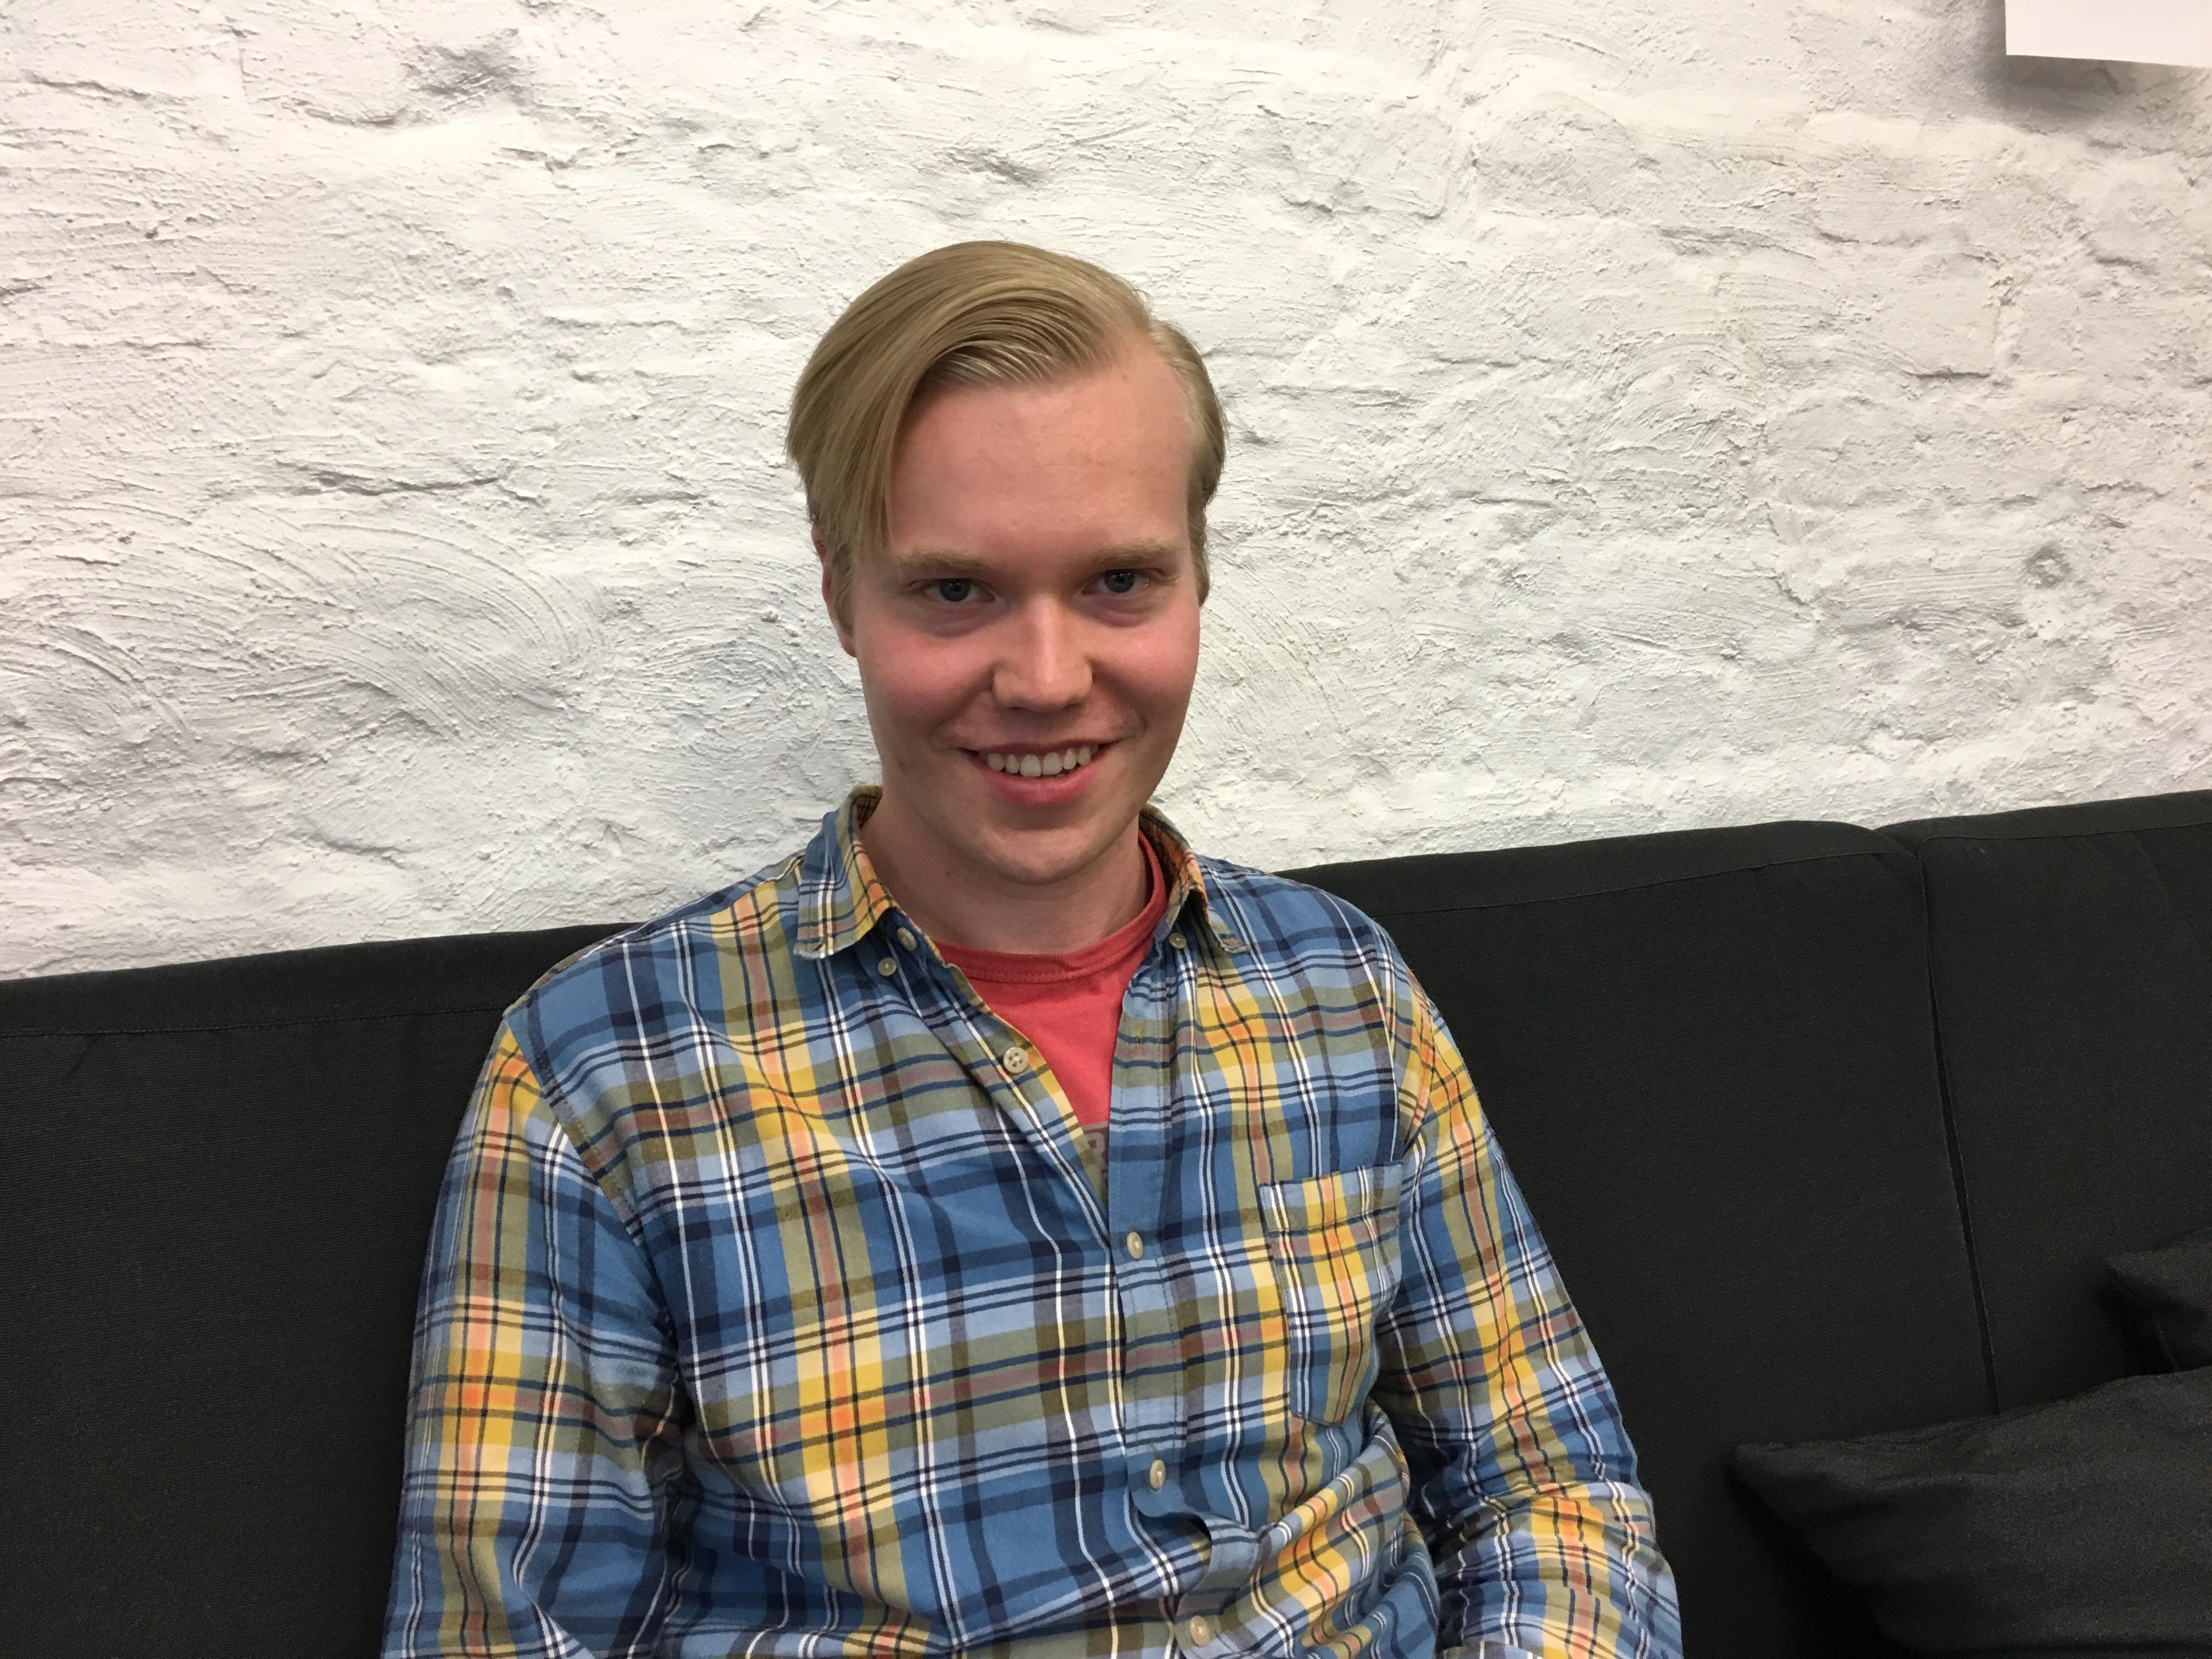 Mikko Haavisto